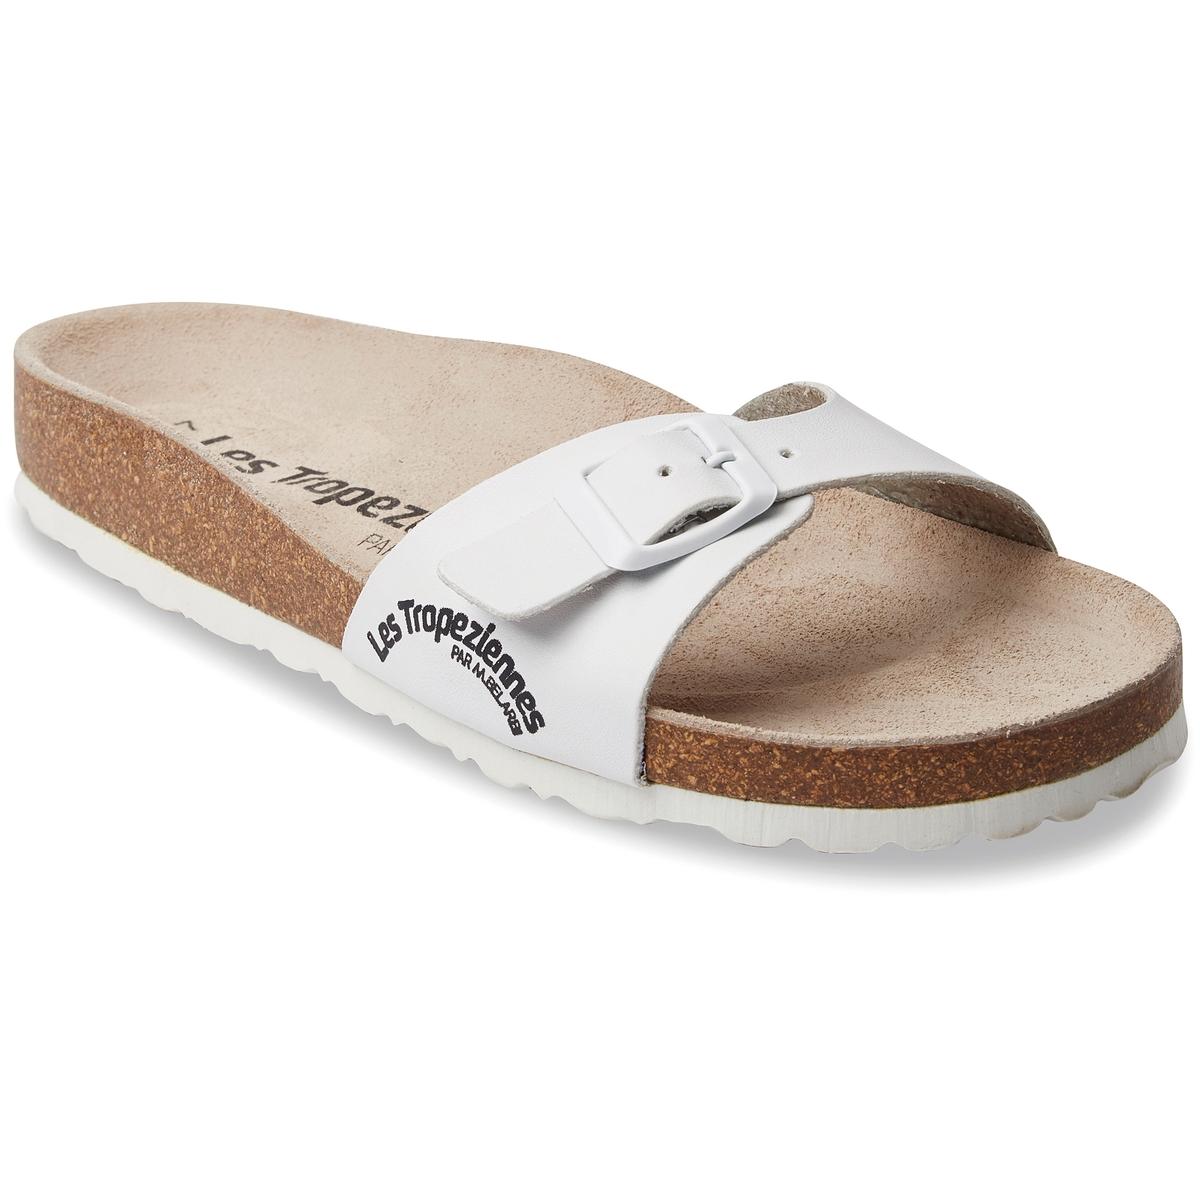 Туфли без задника синтетическиеДетали  •  Вьетнамки •  Застежка : без застежки •  Открытый мысокСостав и уход  •  Верх 100% синтетический материал •  Стелька 100% спилок •  Подошва 100% синтетический материал<br><br>Цвет: белый,черный